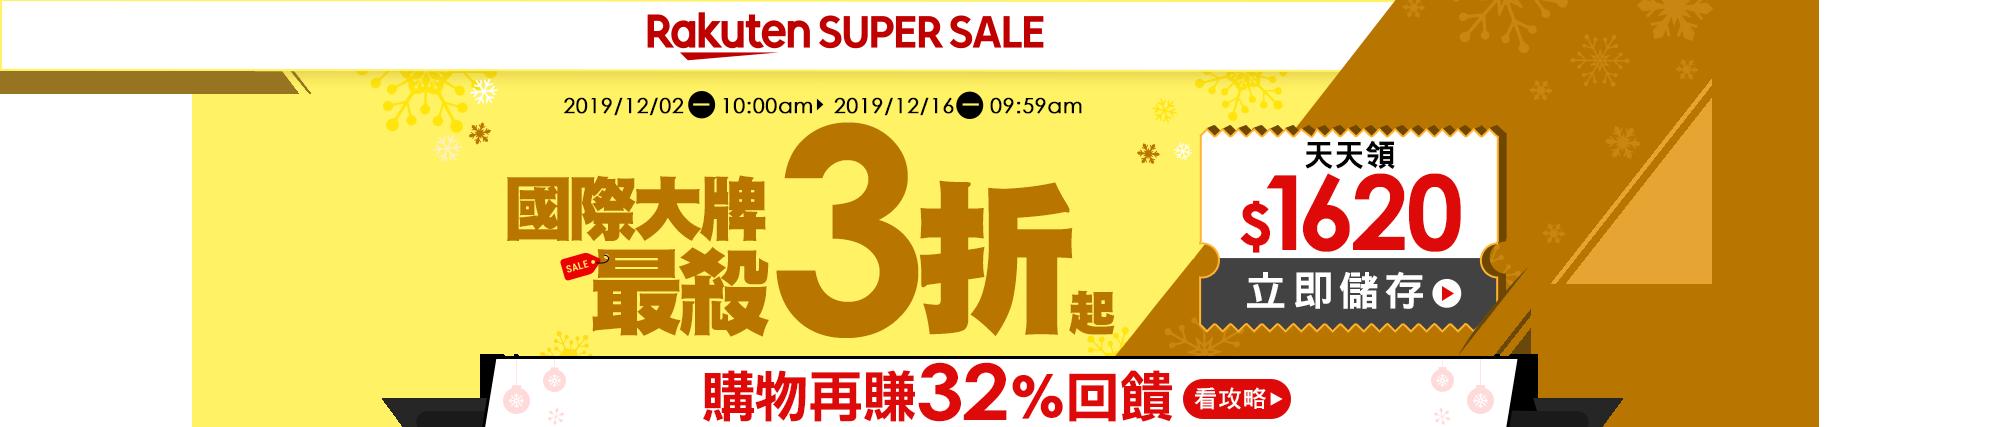 樂天雙12 SUPER SALE!年度最夯品牌商品,最高再賺32%回饋